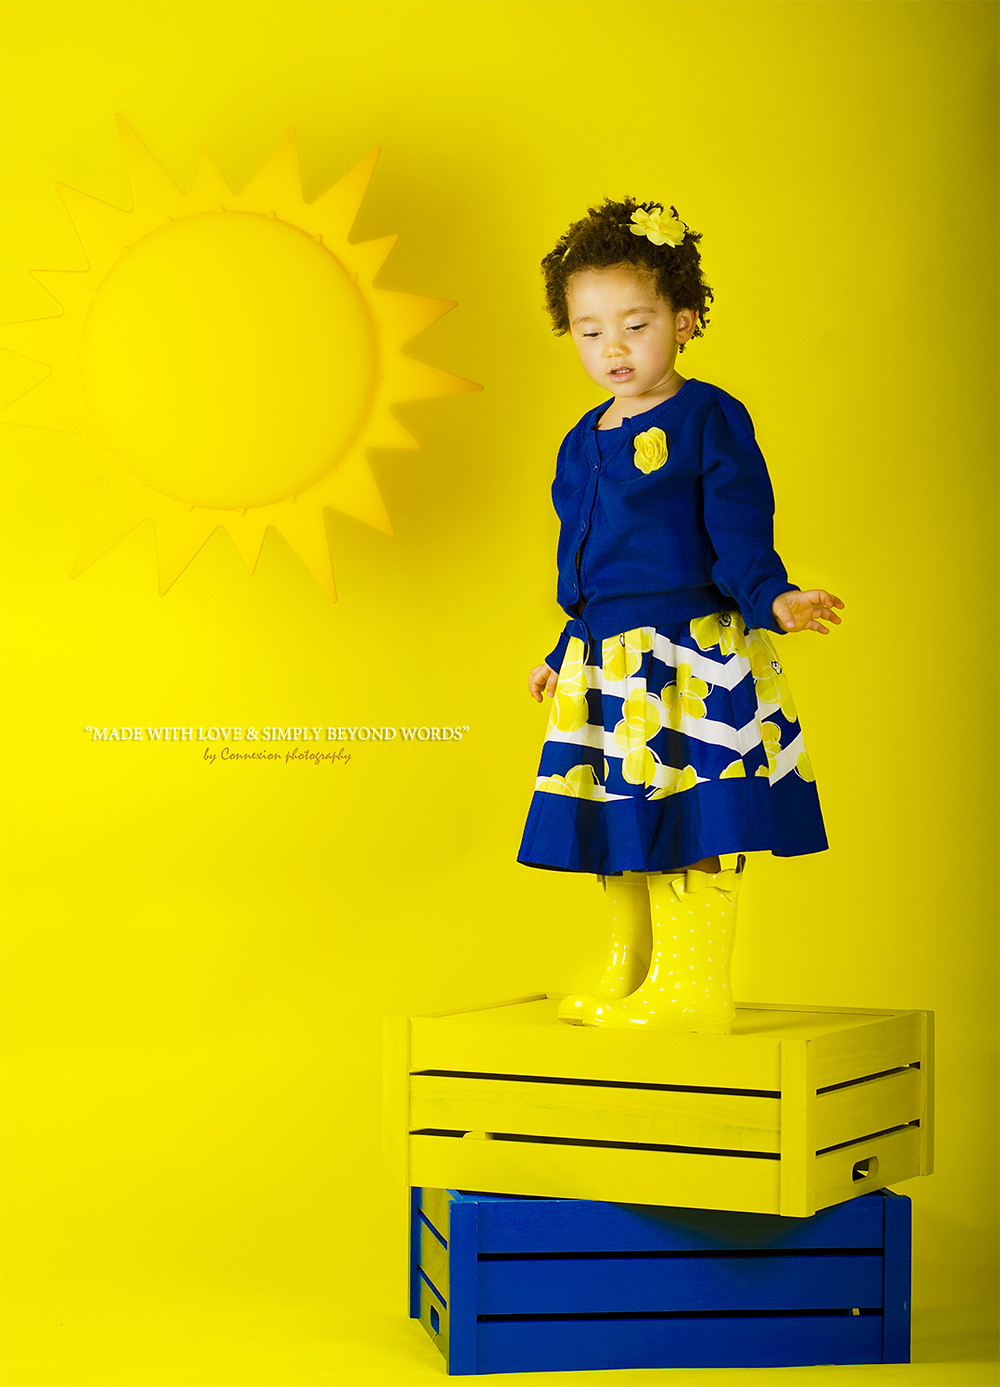 petite fille métisse debout sur une caisse en bois sur fond jaune